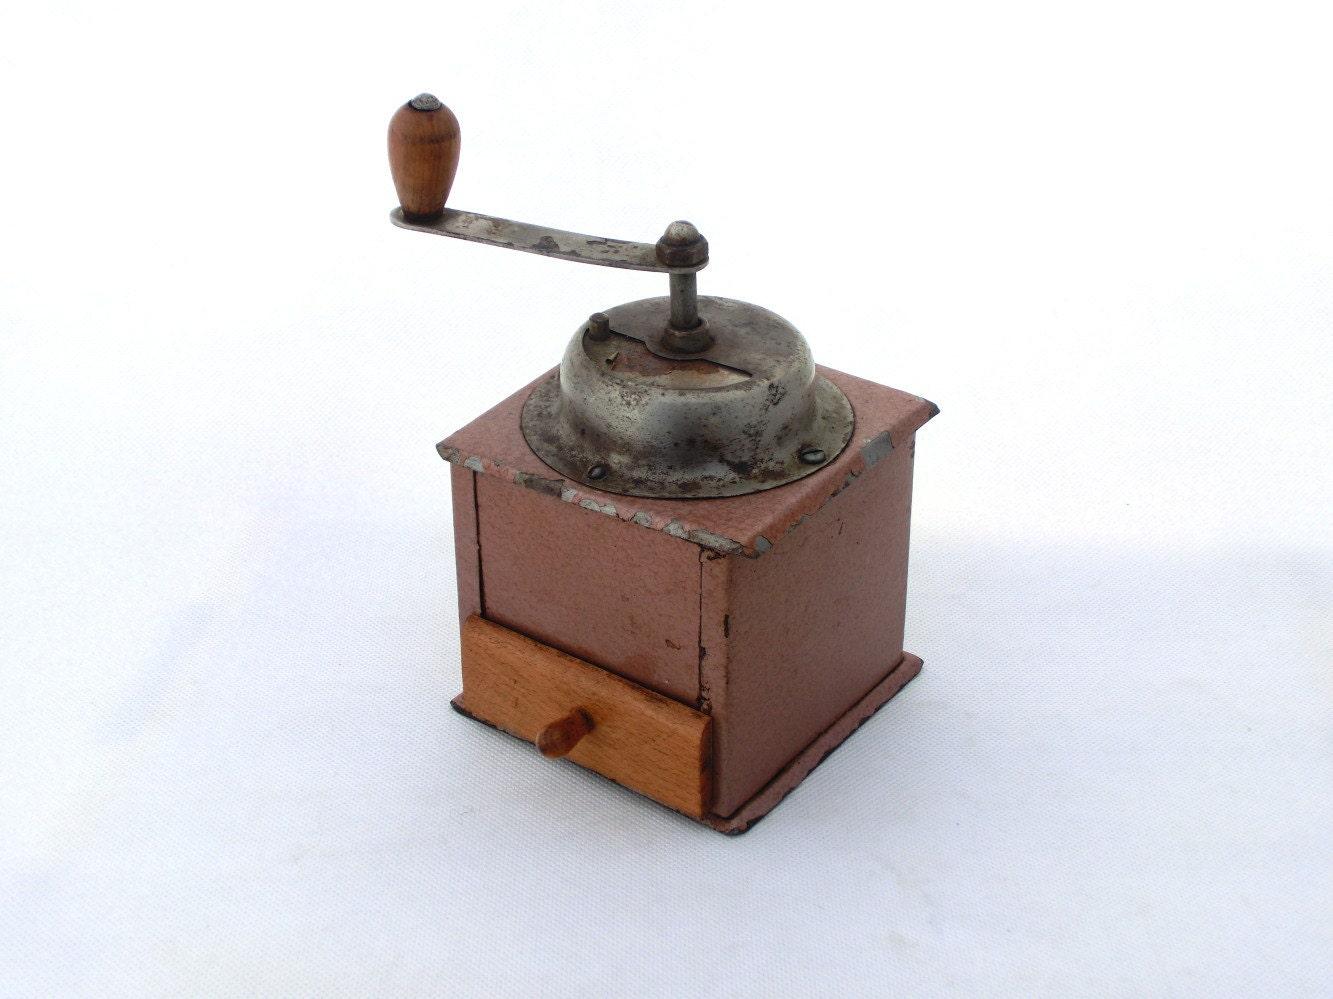 Vintage coffee mill / grinder - ArtmaVintage